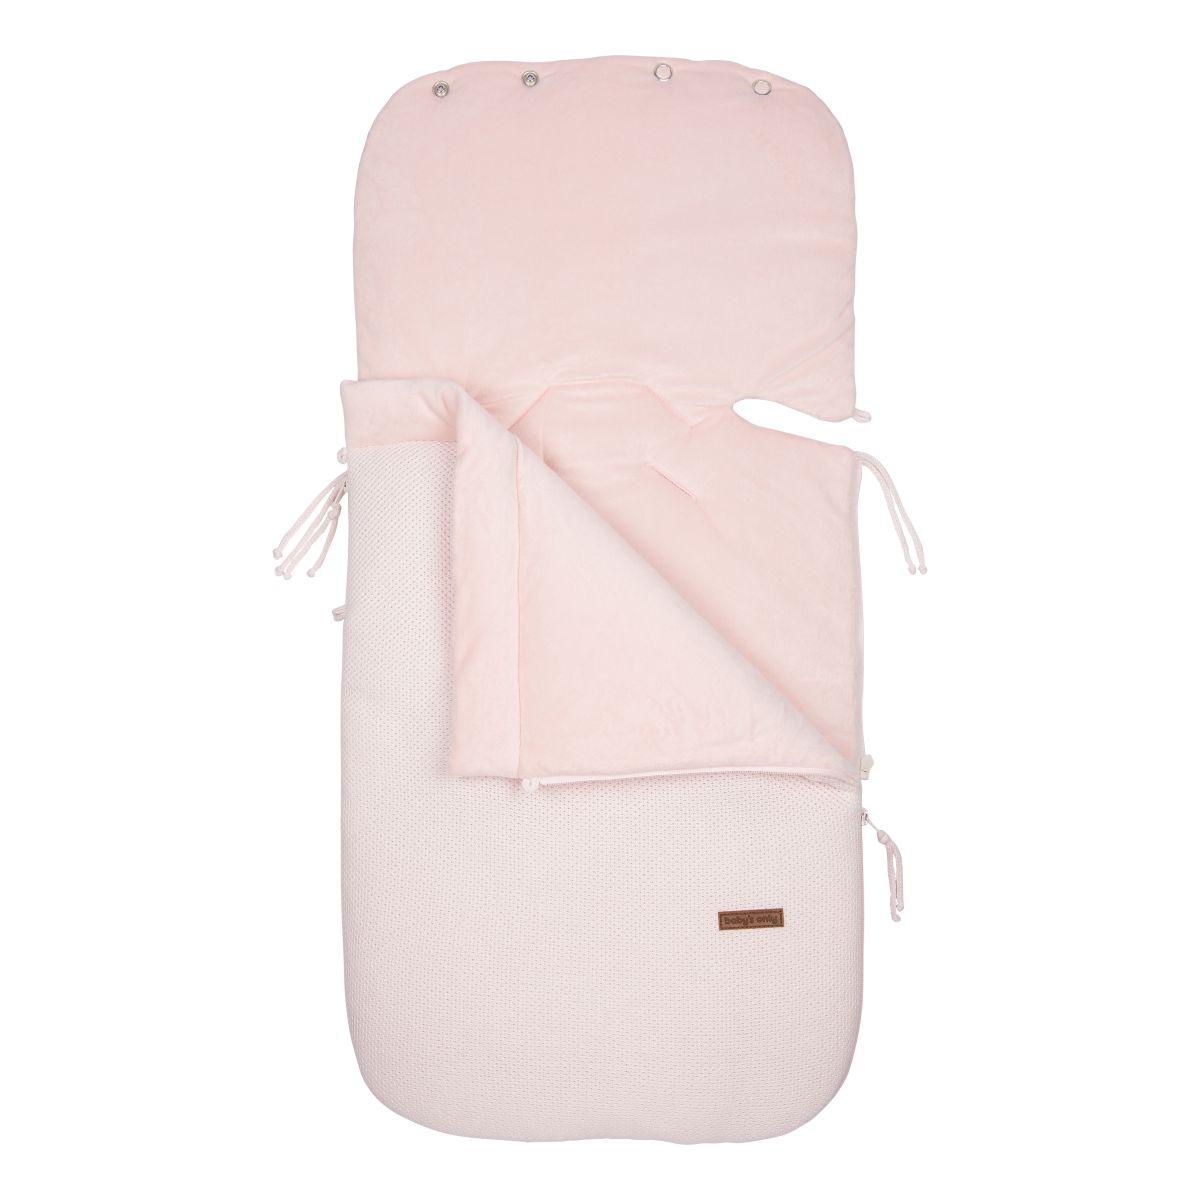 footmuff car seat 0 classic pink